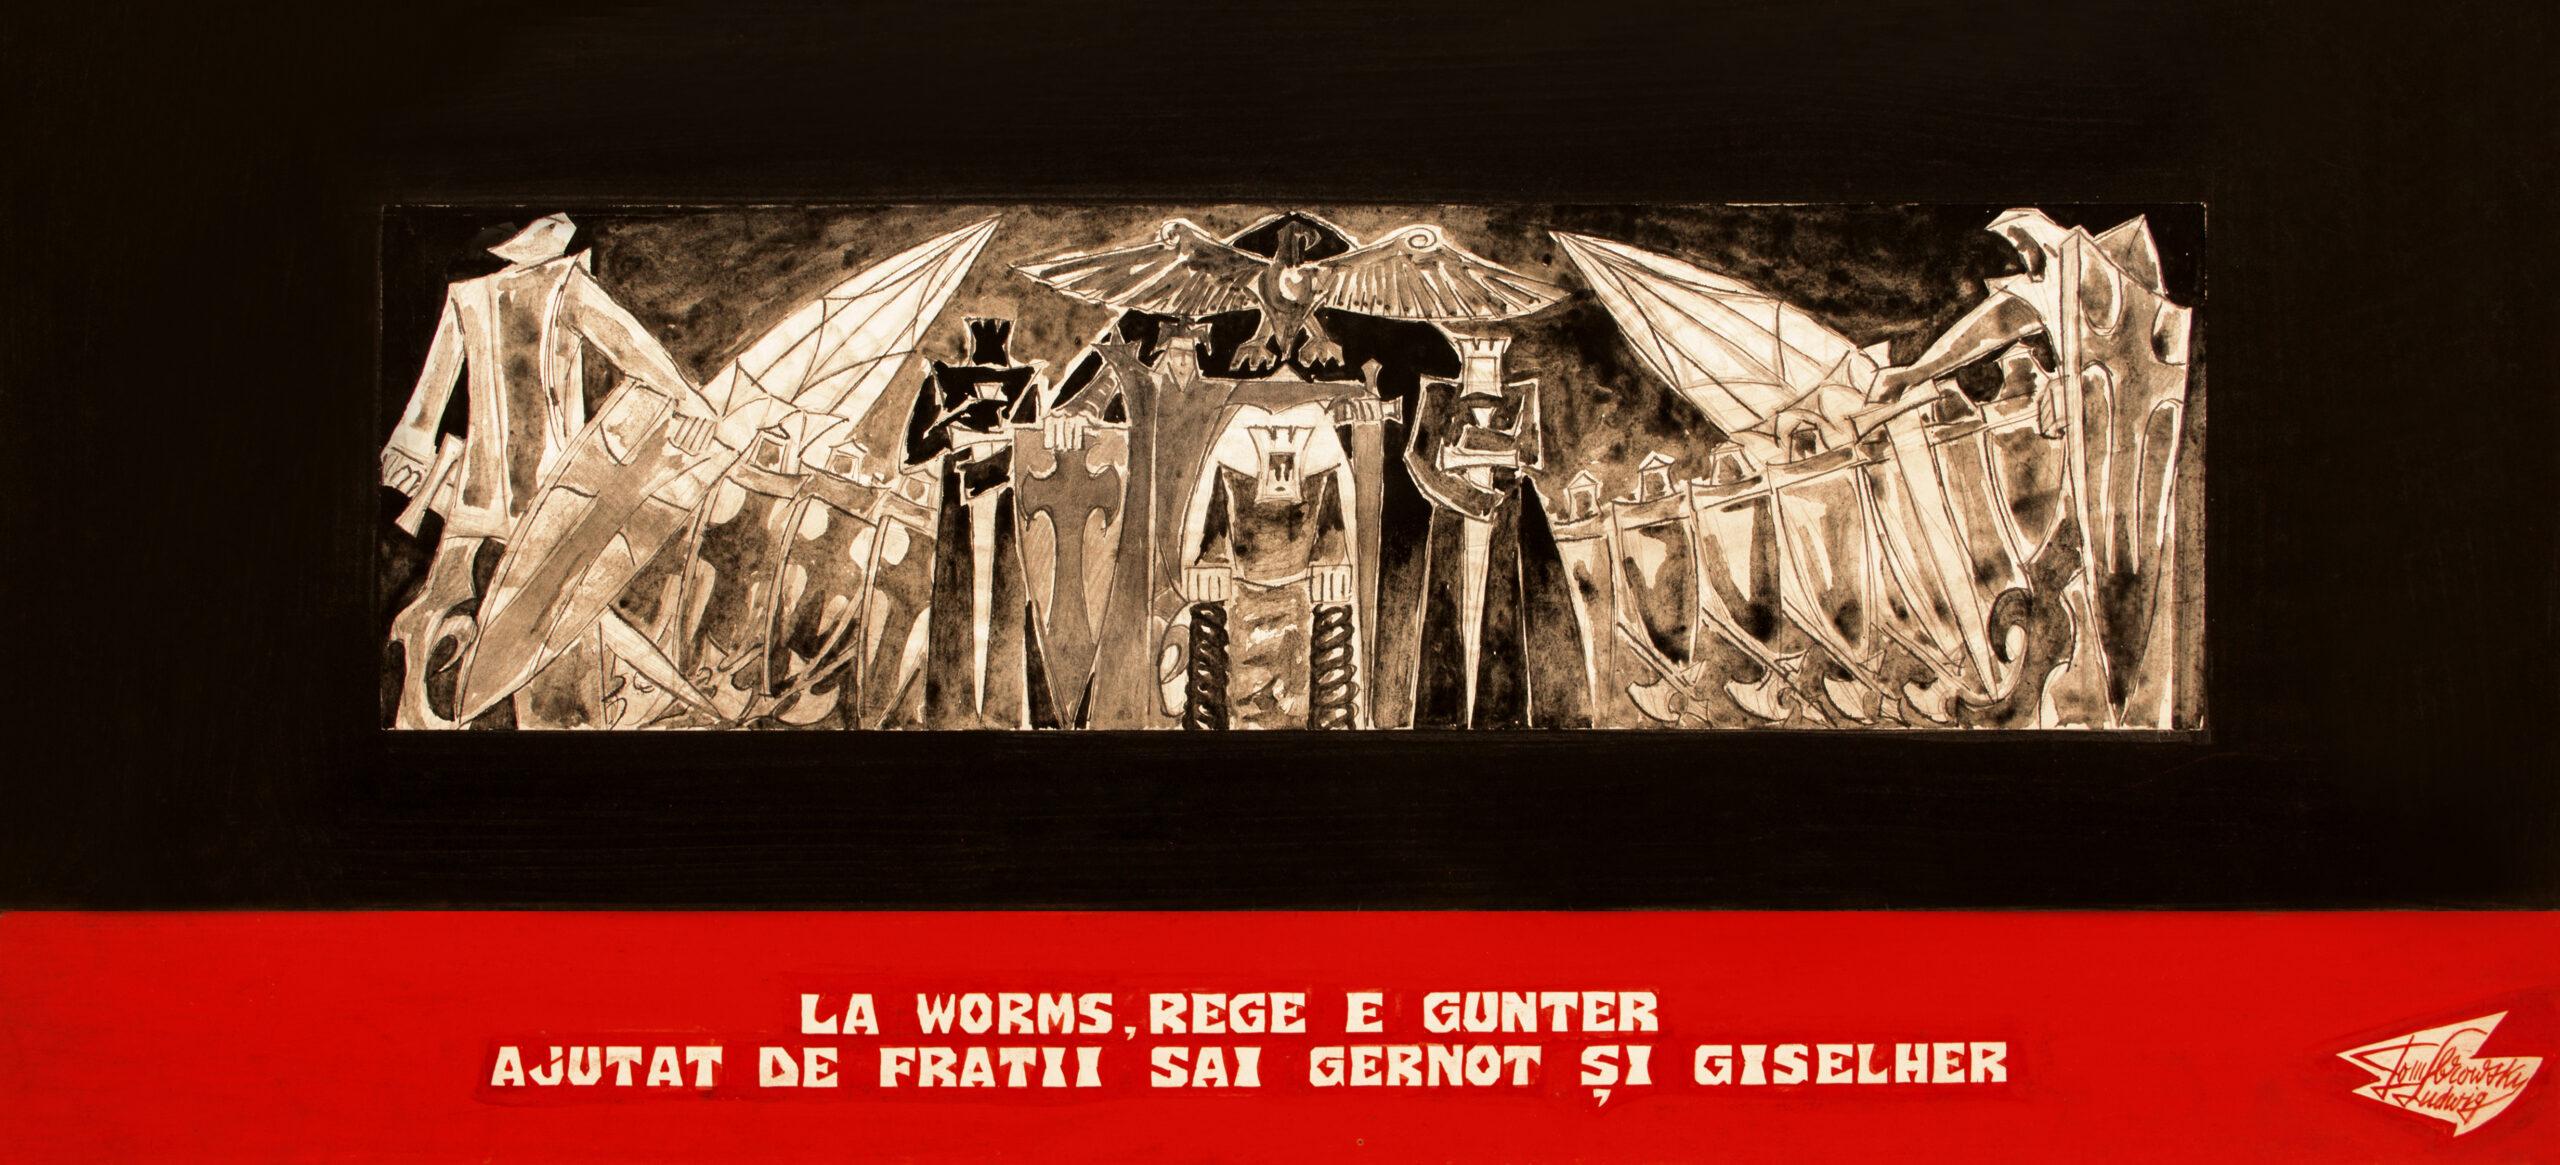 La Worms, rege e Gunter ajutat de frații săi Gernot și Giselher